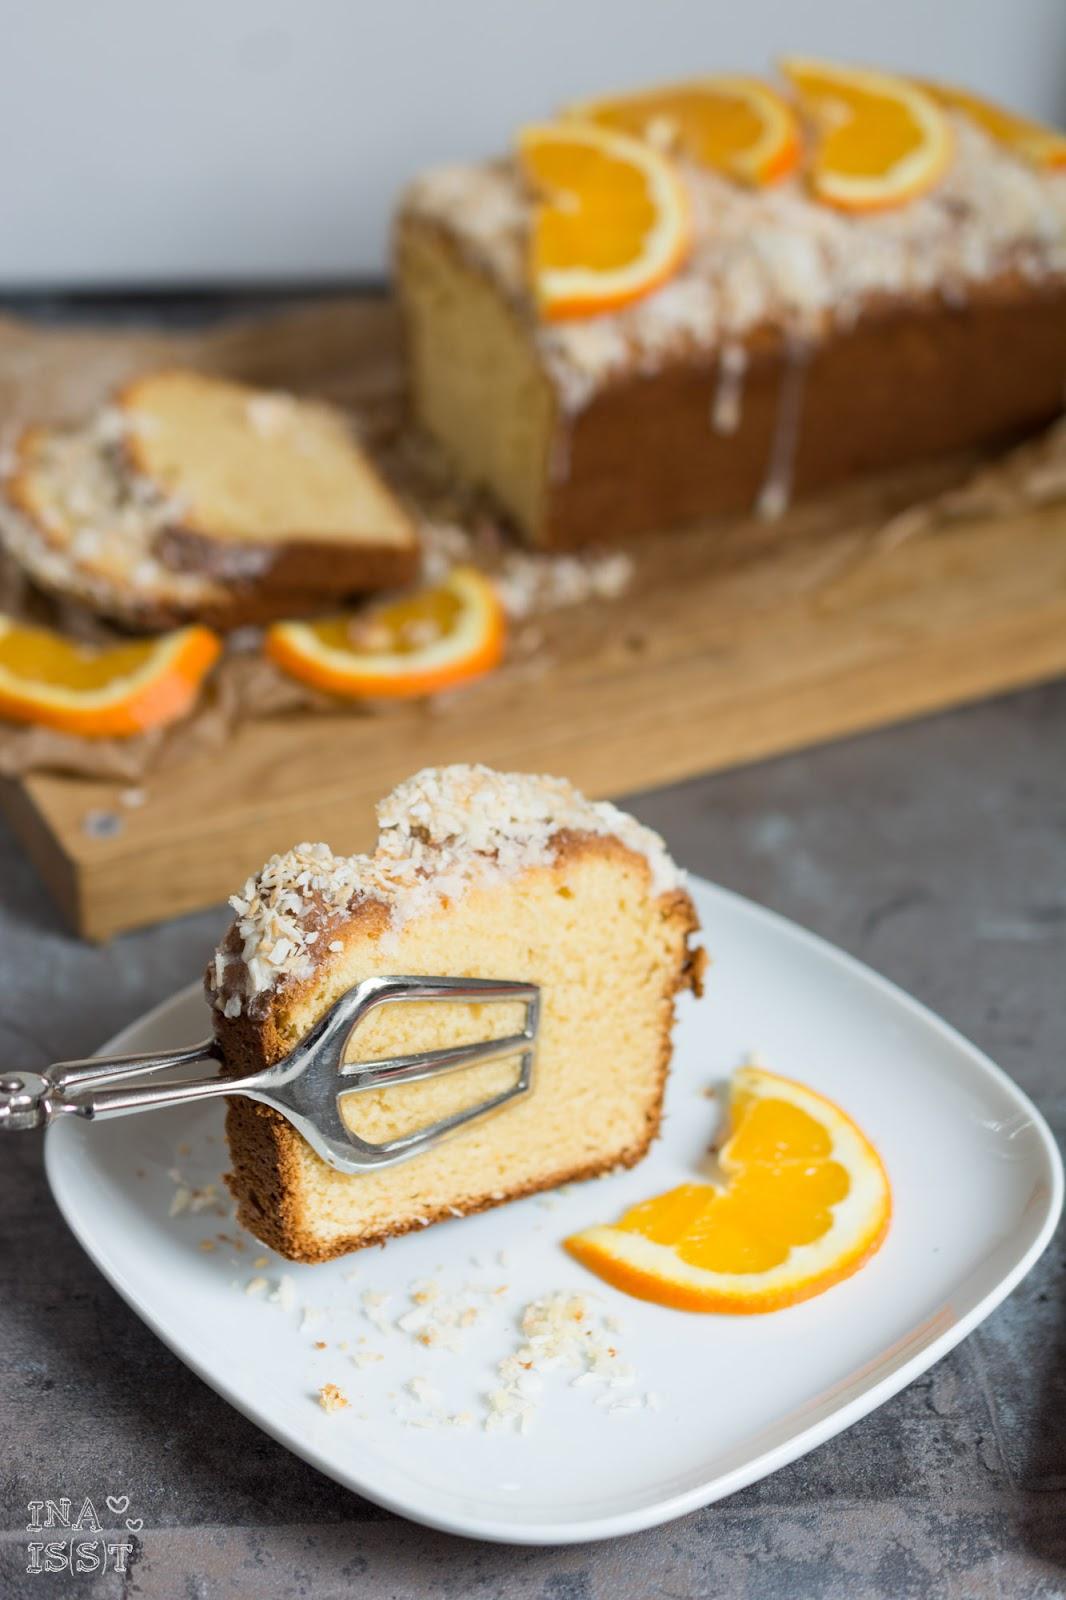 Ina Is S T Einfacher Orangen Kokos Kuchen Quick And Easy Orange